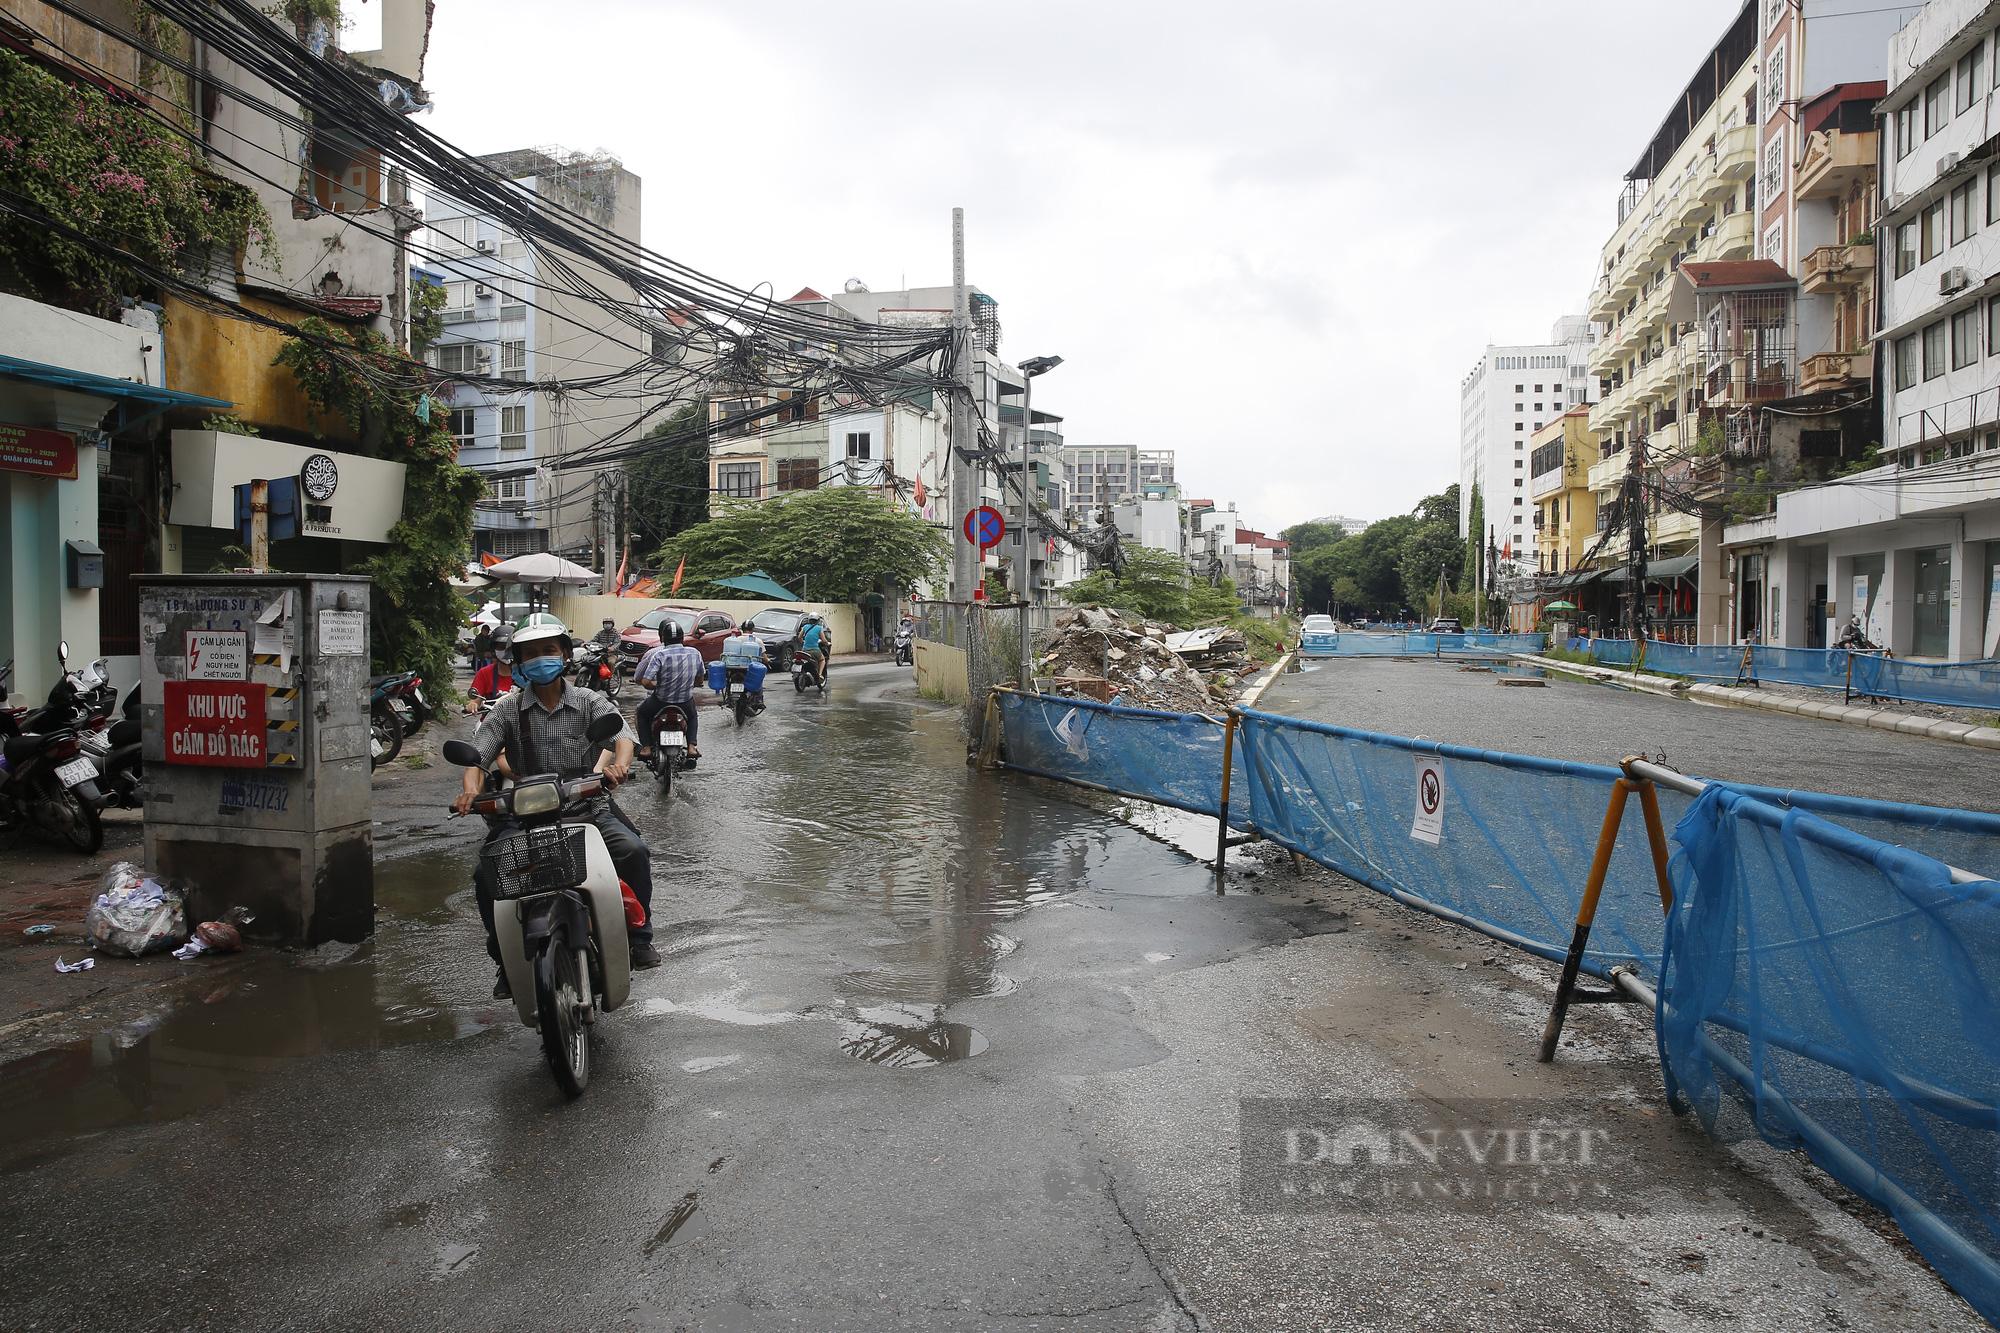 Cận cảnh khu vực ga ngầm tuyến Metro Nhổn - ga Hà Nội bị dừng thi công - Ảnh 5.